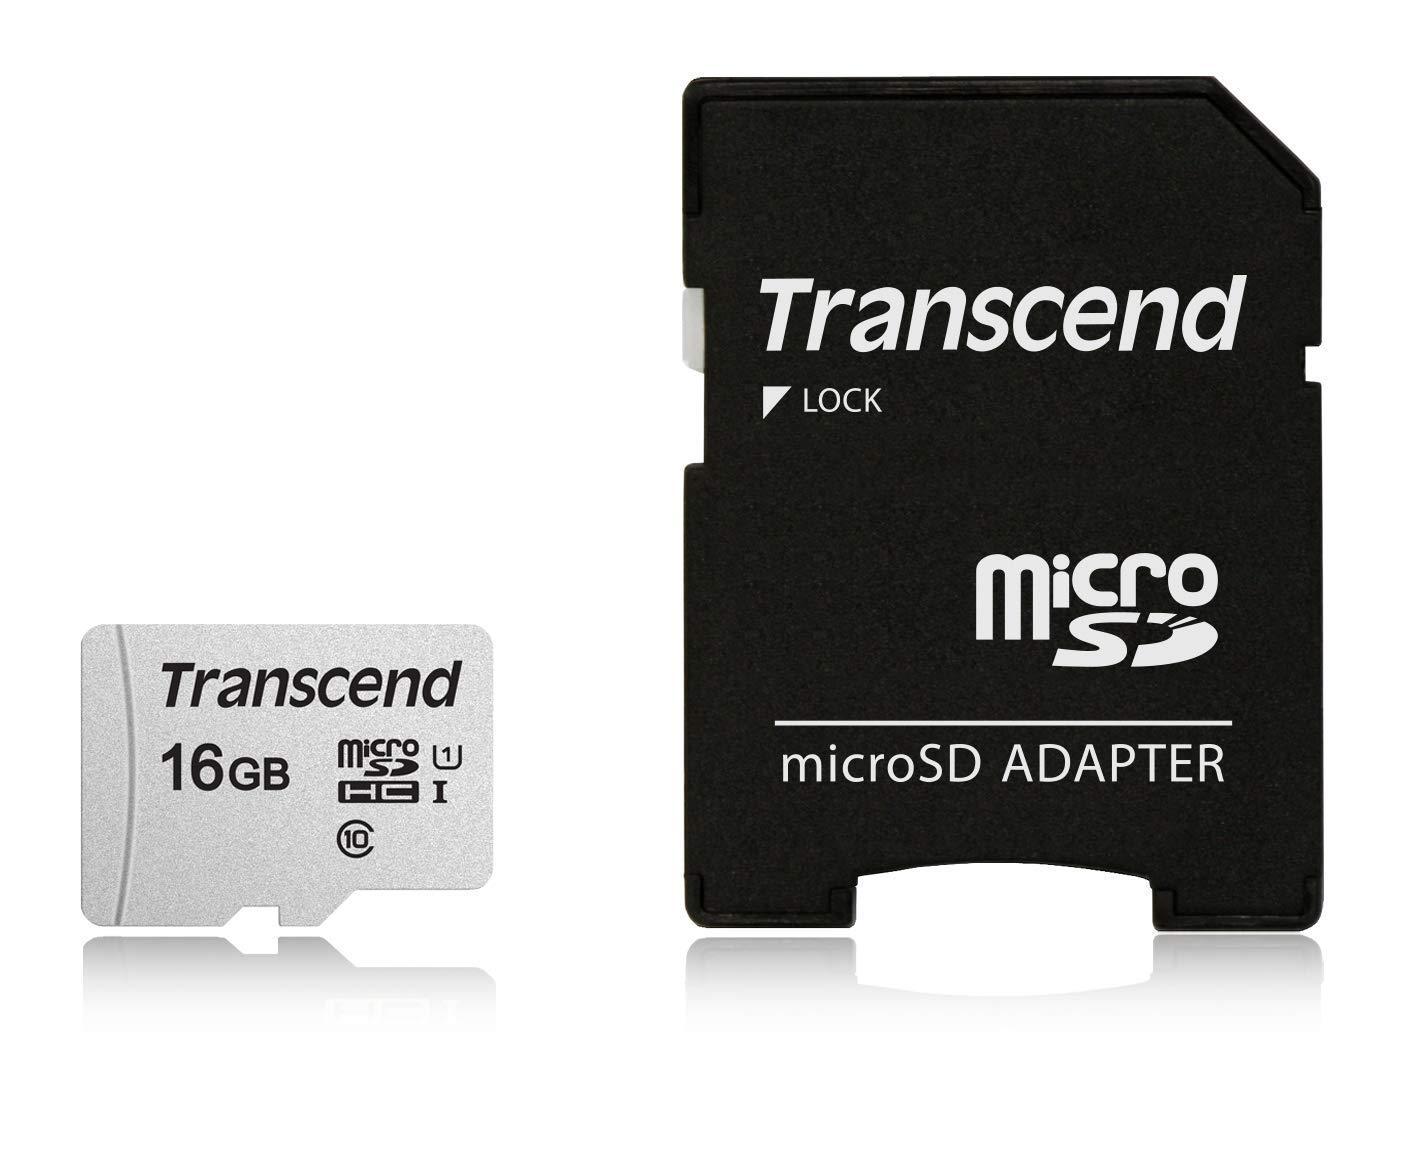 アマゾンでmicroSD カード/USBメモリなどが大量にセール中。